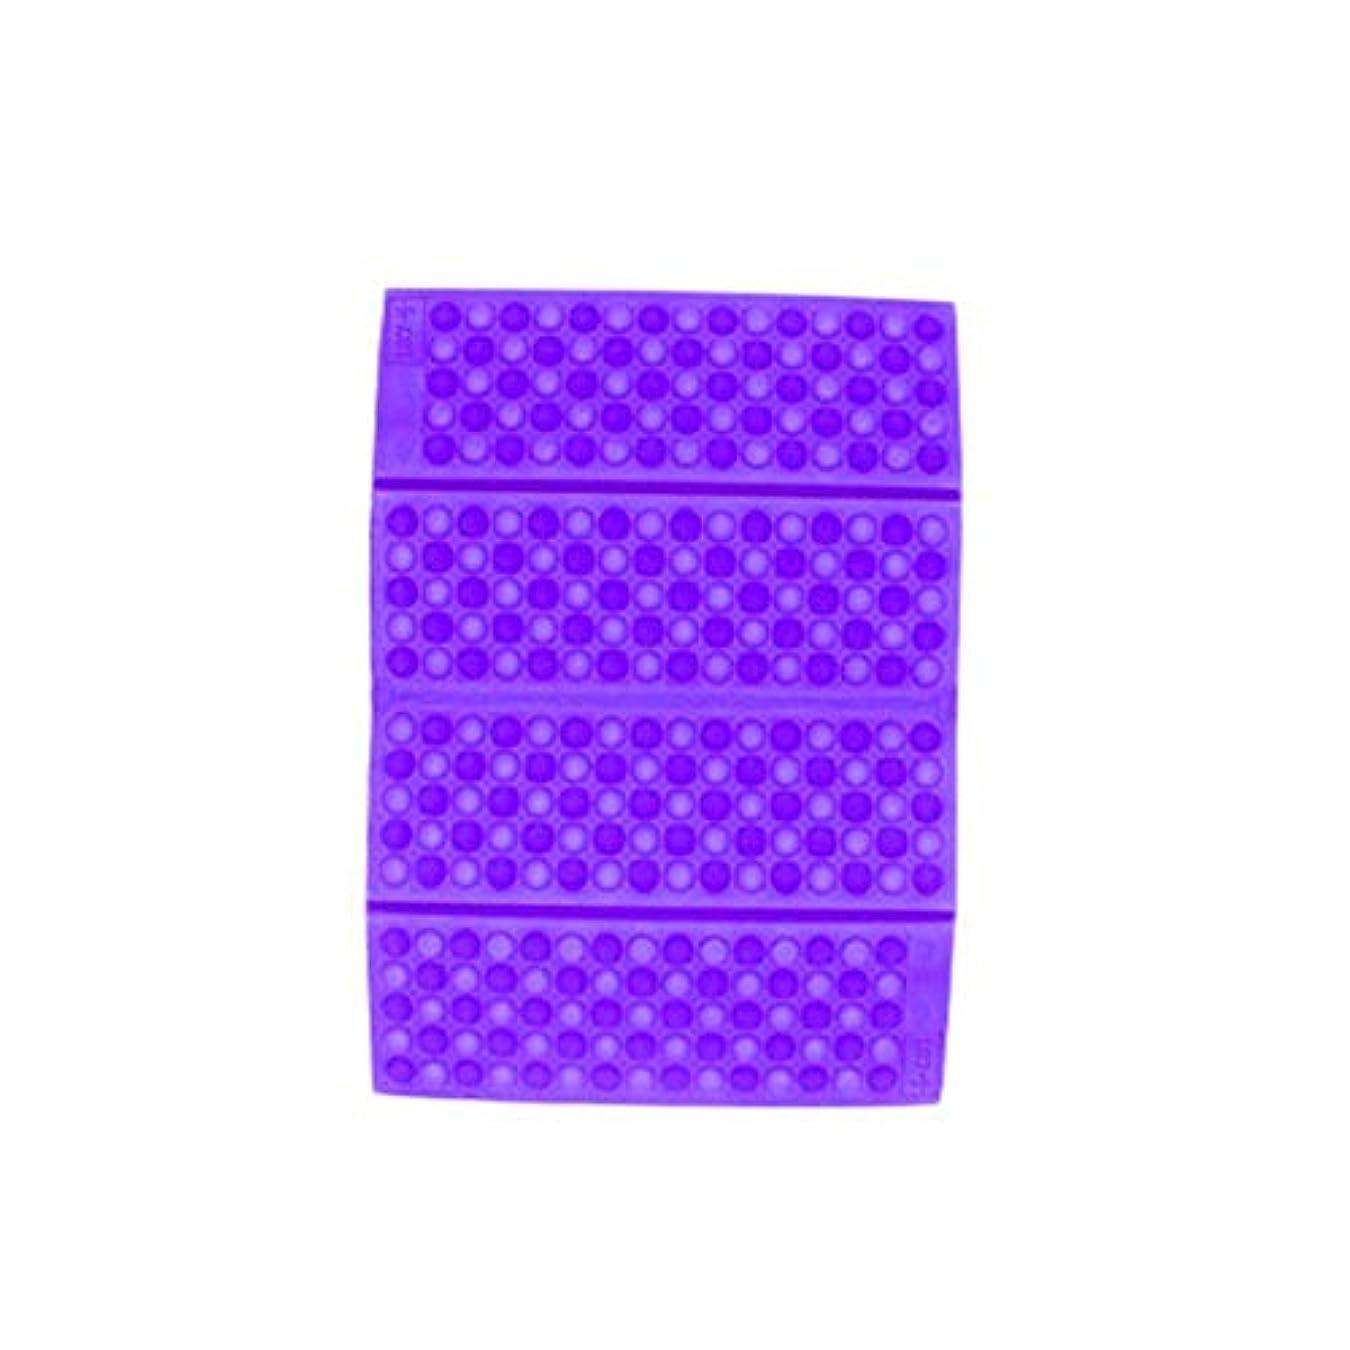 障害ハイライト卒業記念アルバムポータブルXPE防湿ハニカムクッションパープル-パープル